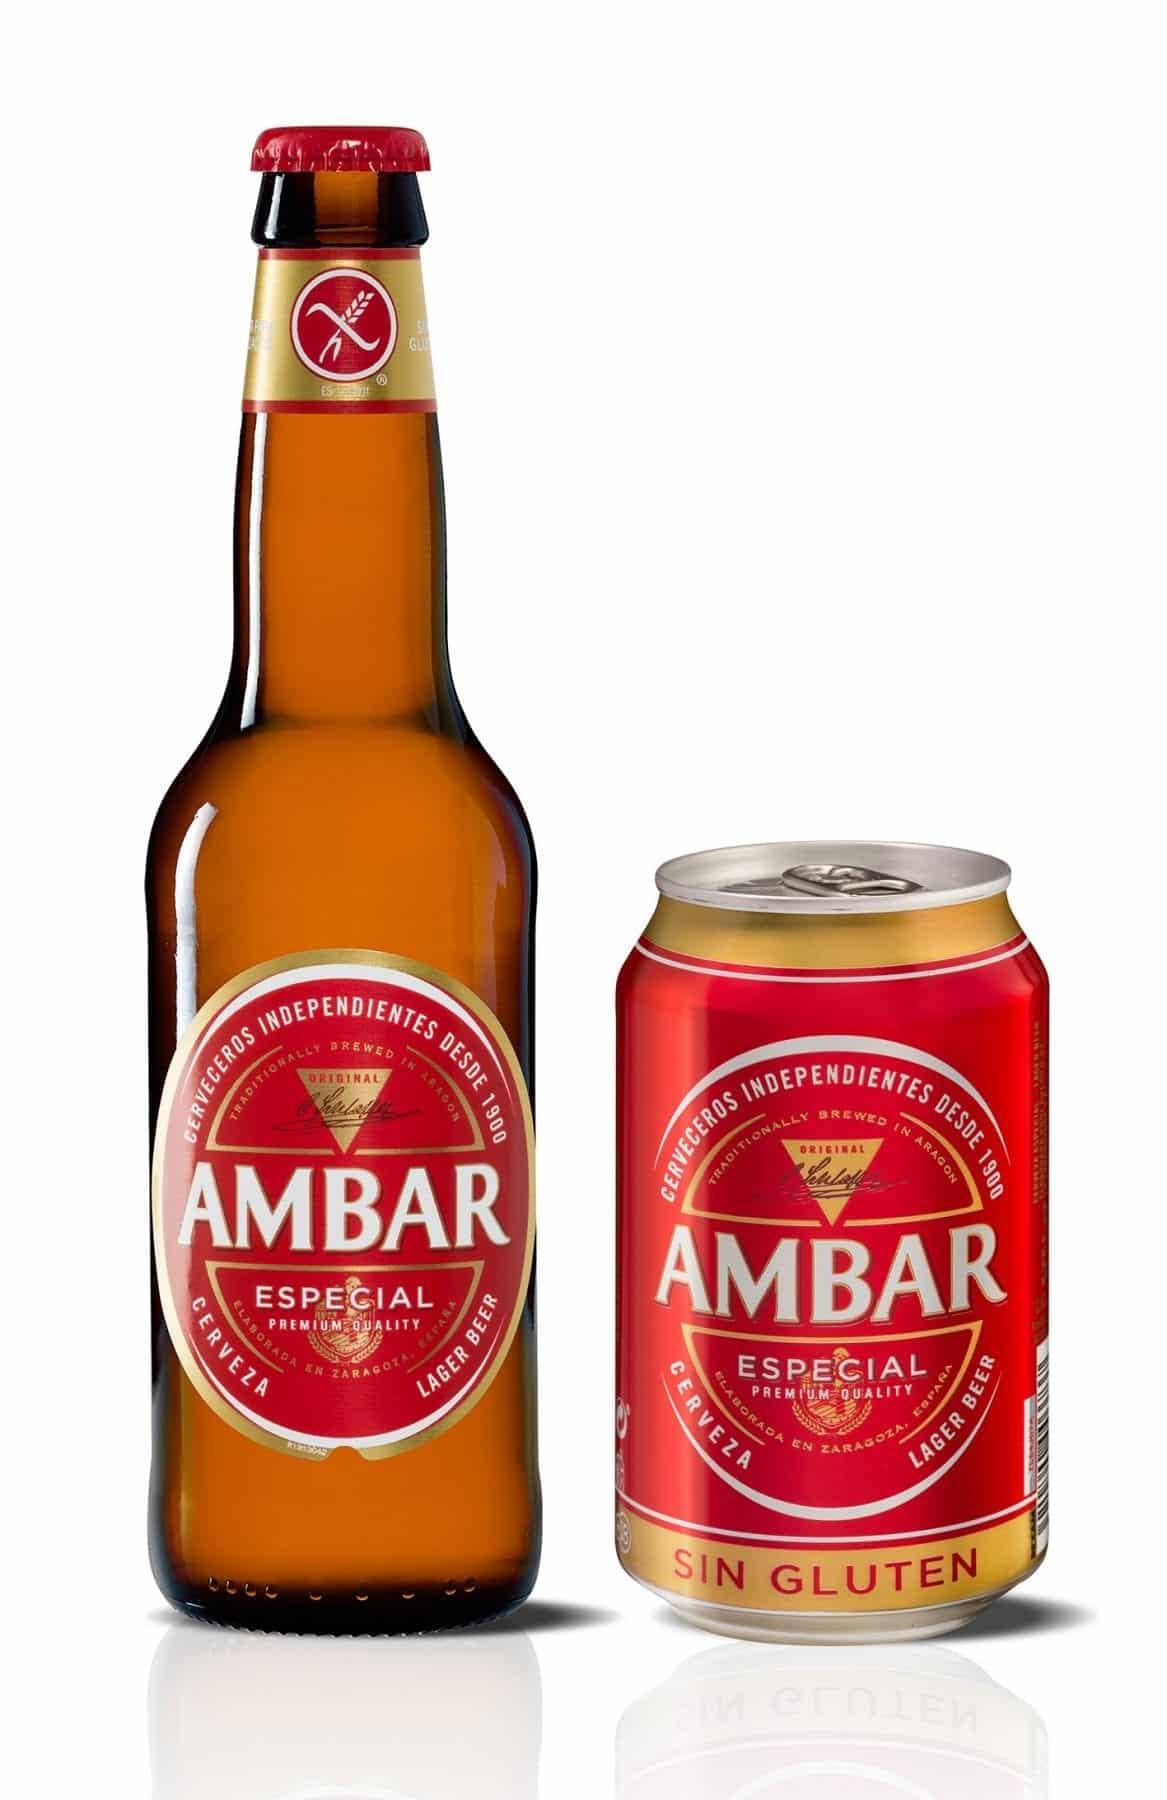 AMBAR CELIACOS(1)